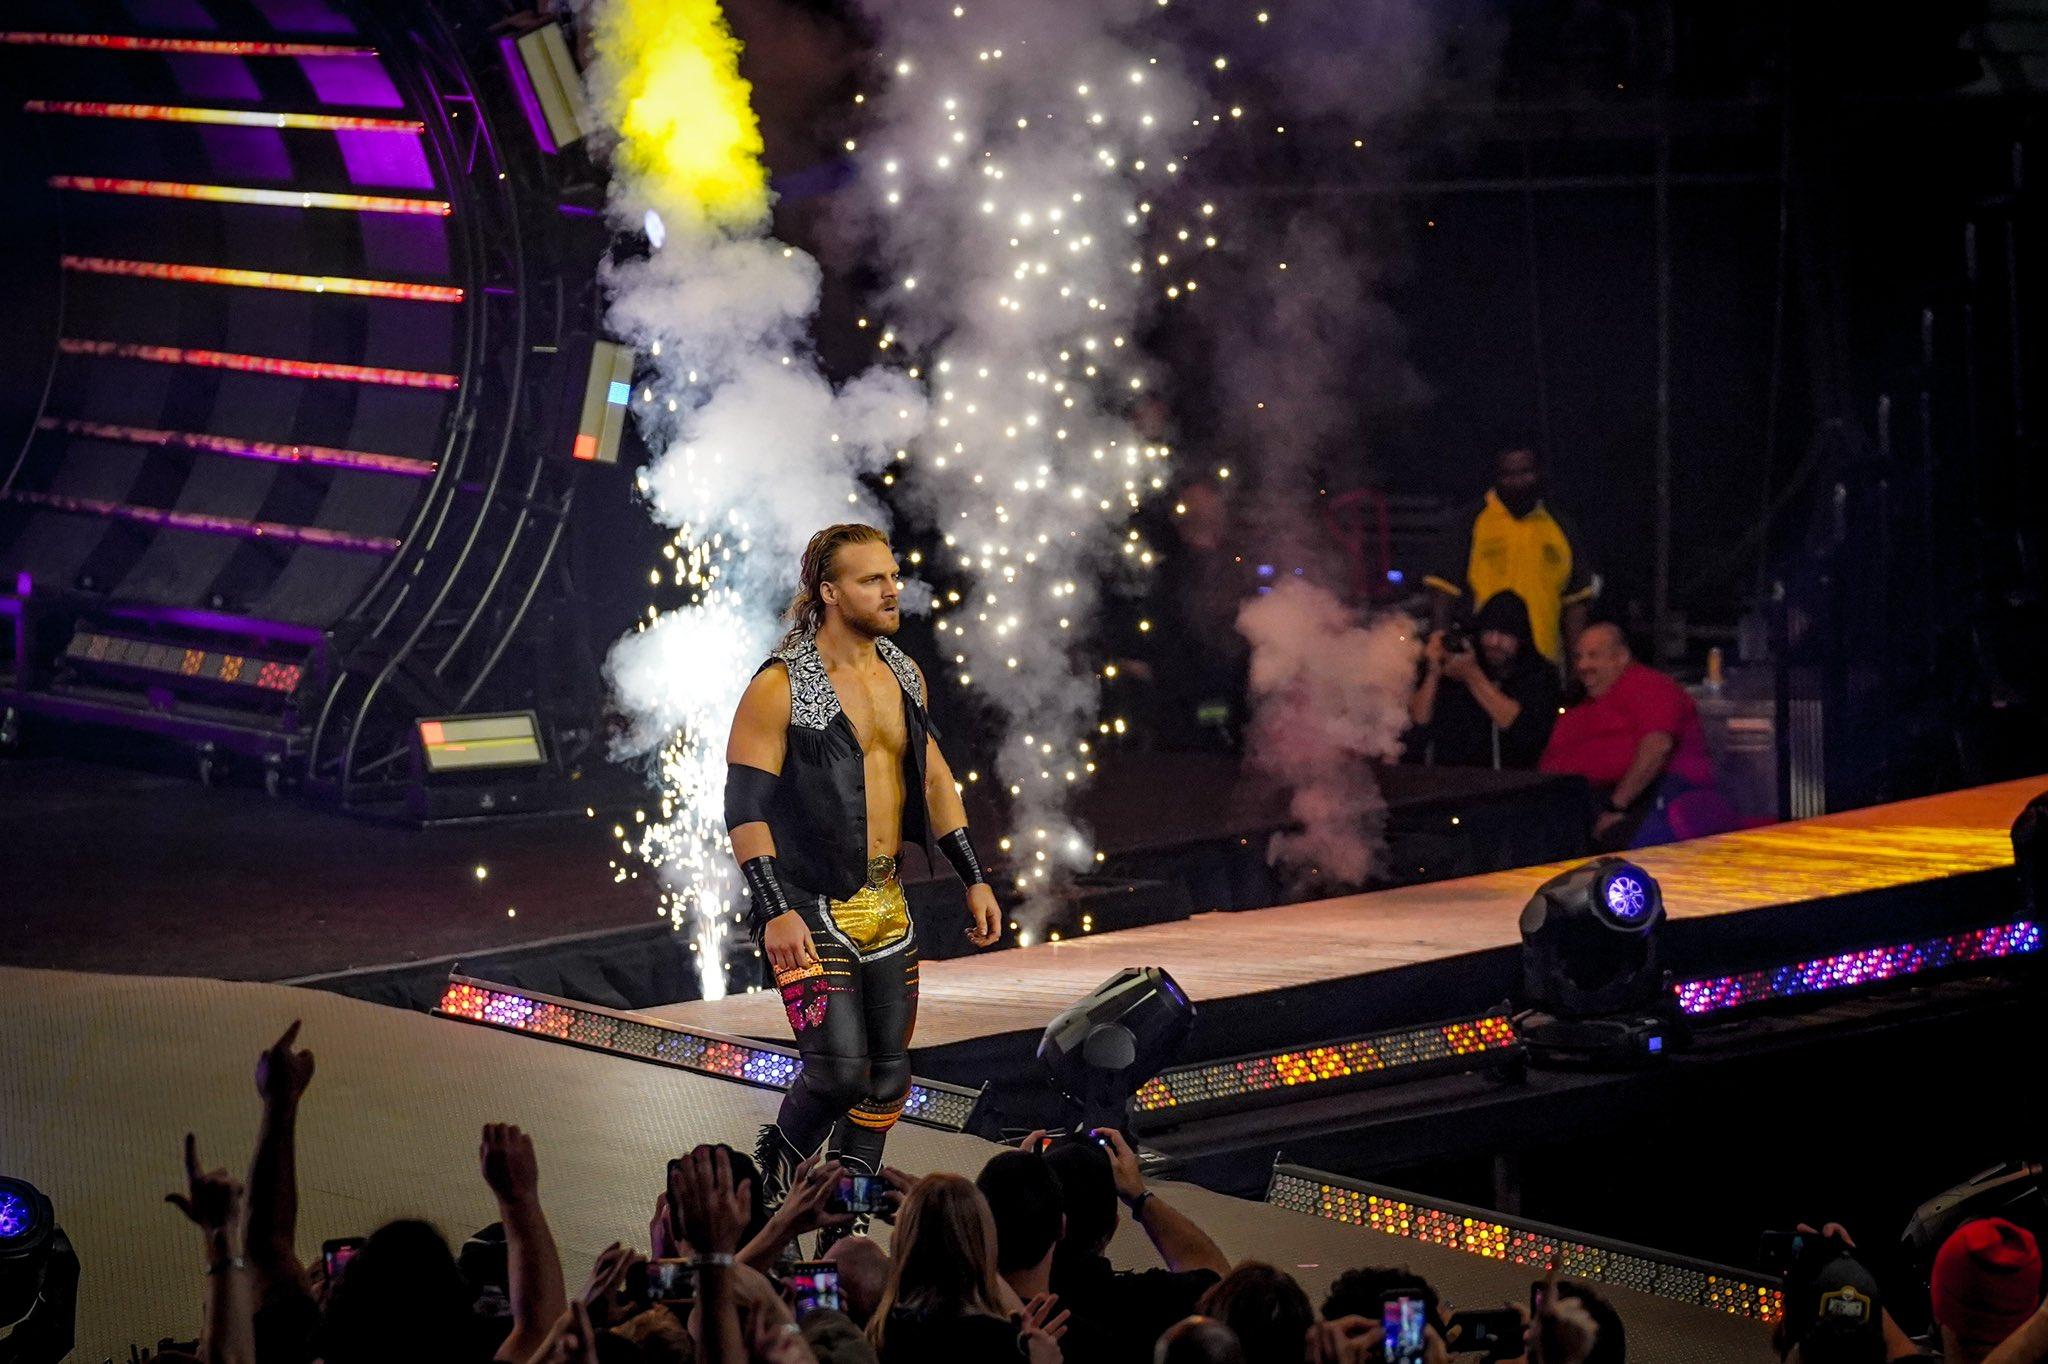 AEW Dynamite contou com o retorno de Adam Page, mas a audiência despencou. Foto: KimberlassKick